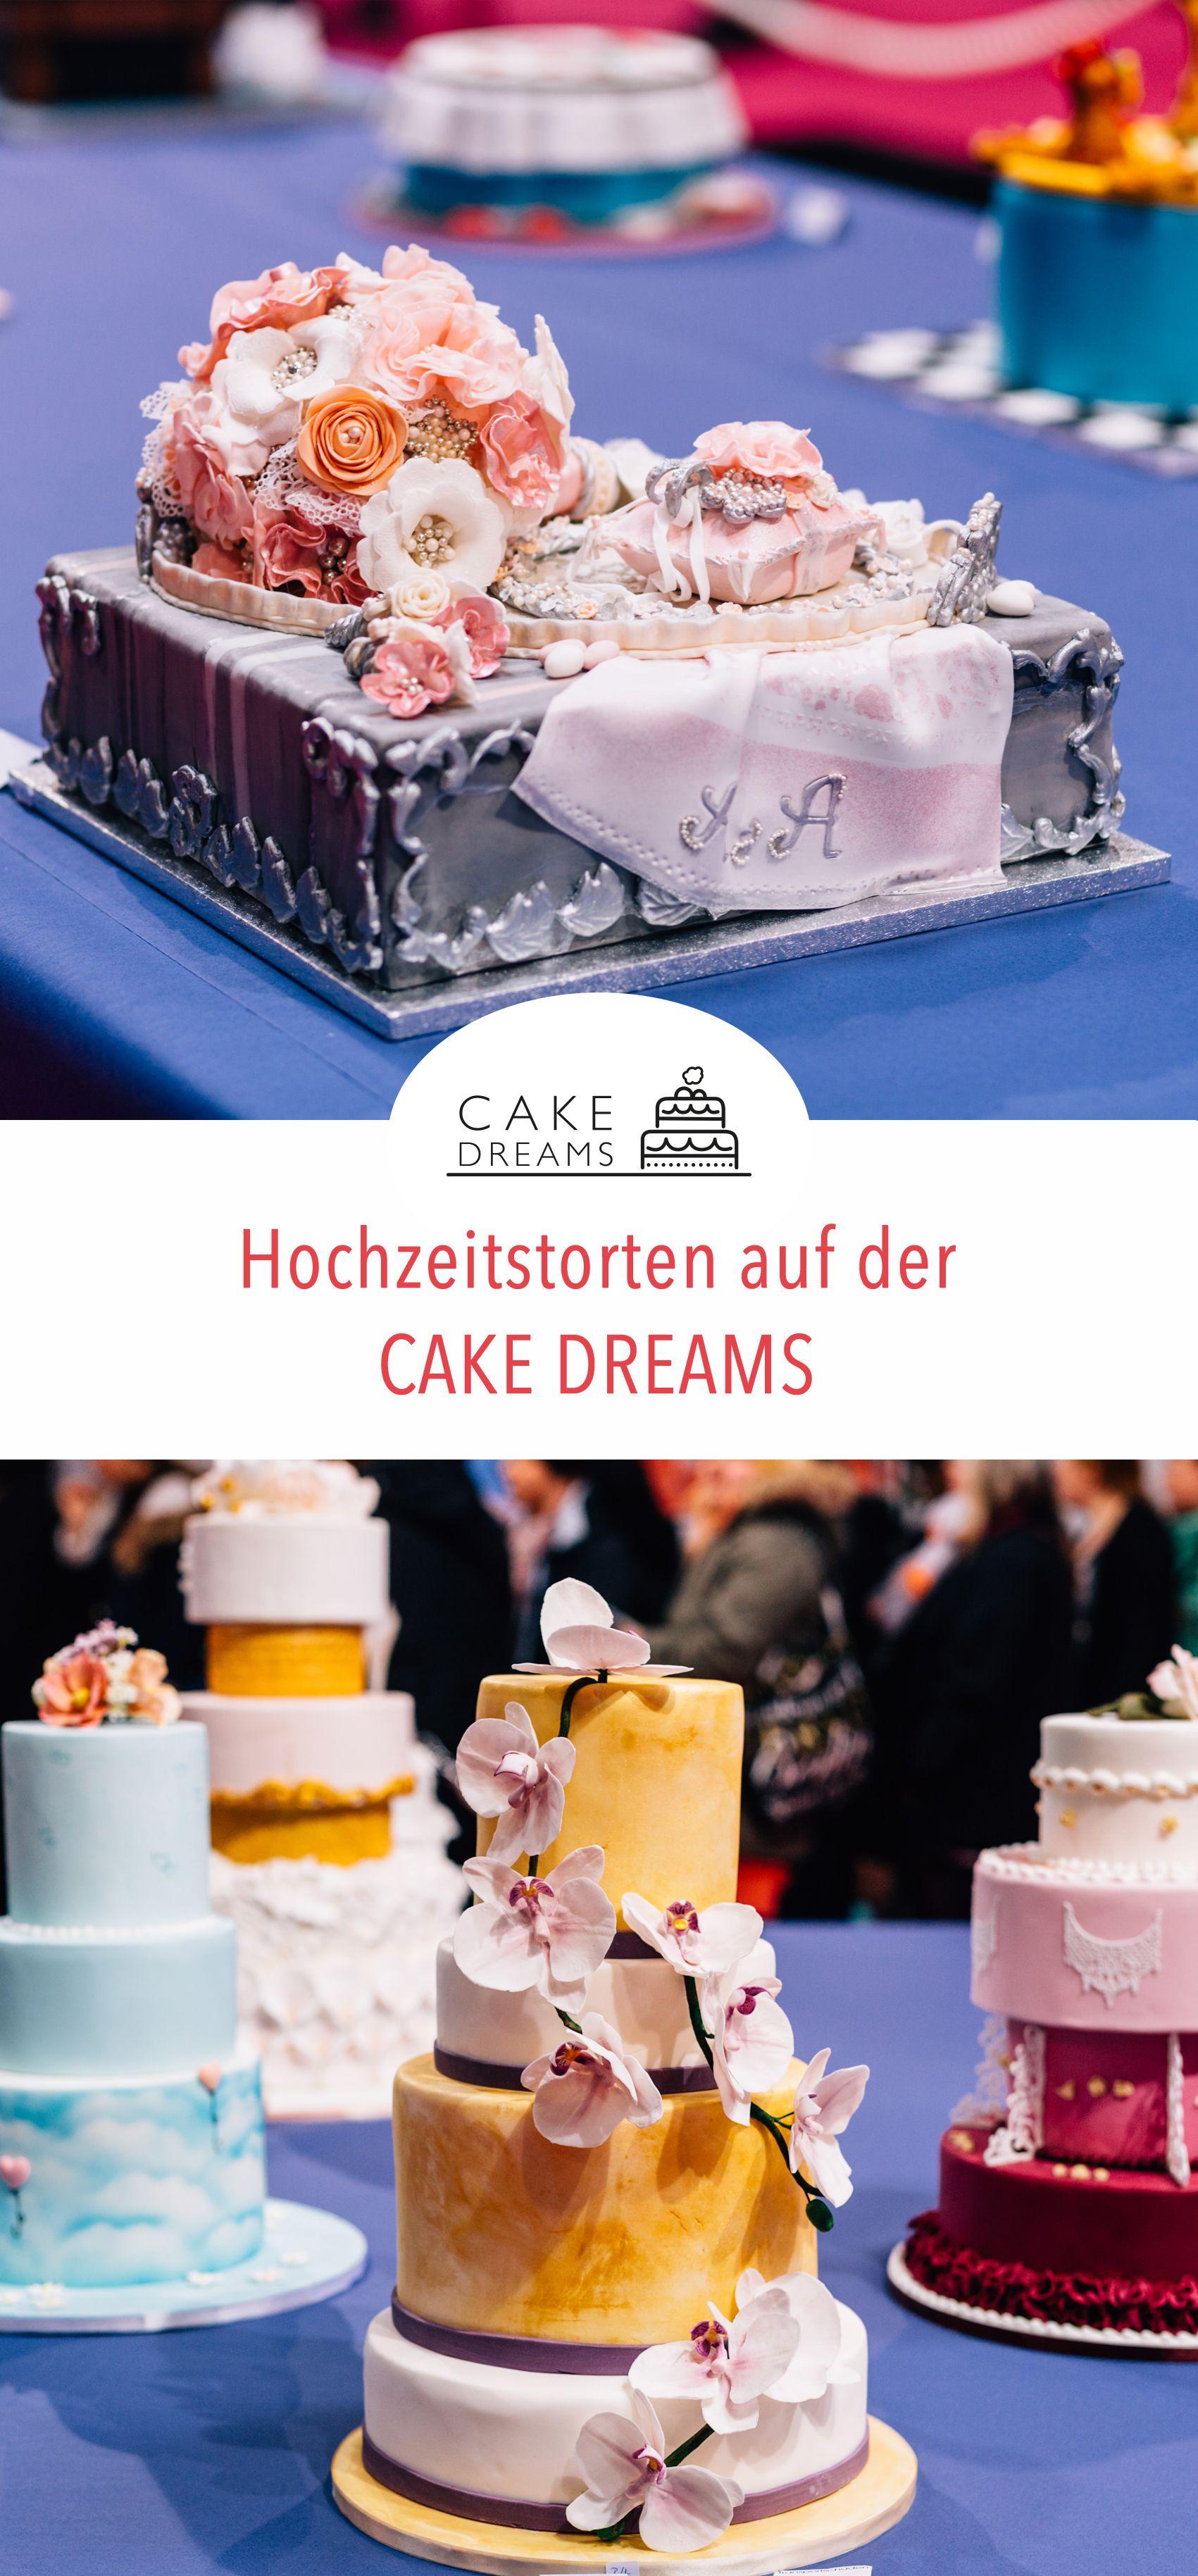 Auf der CAKE DREAMS Messe in Dortmund werden jährlich